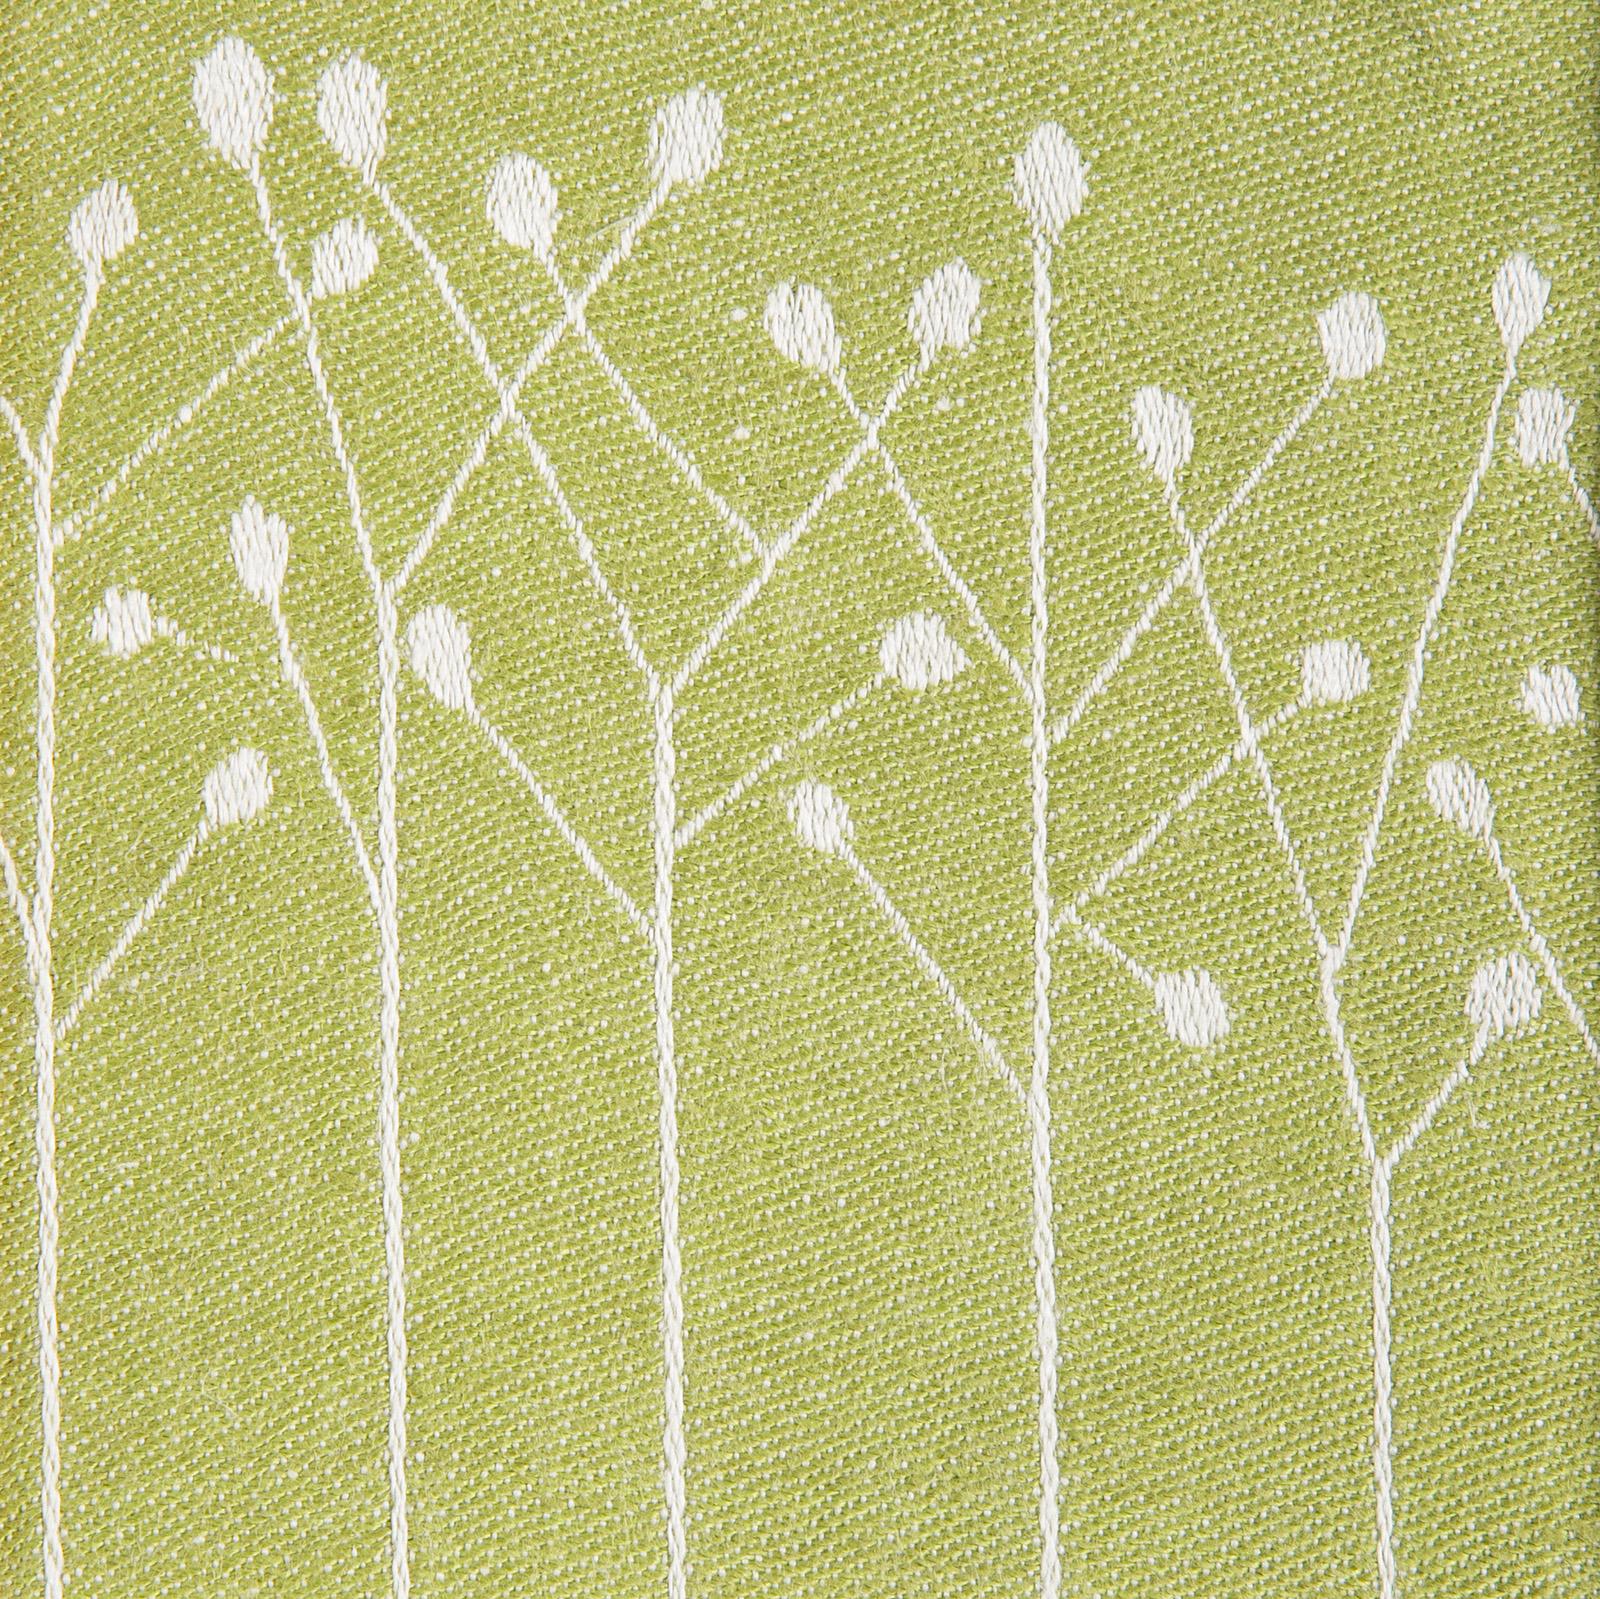 Linsval linblomsgrön färgprov